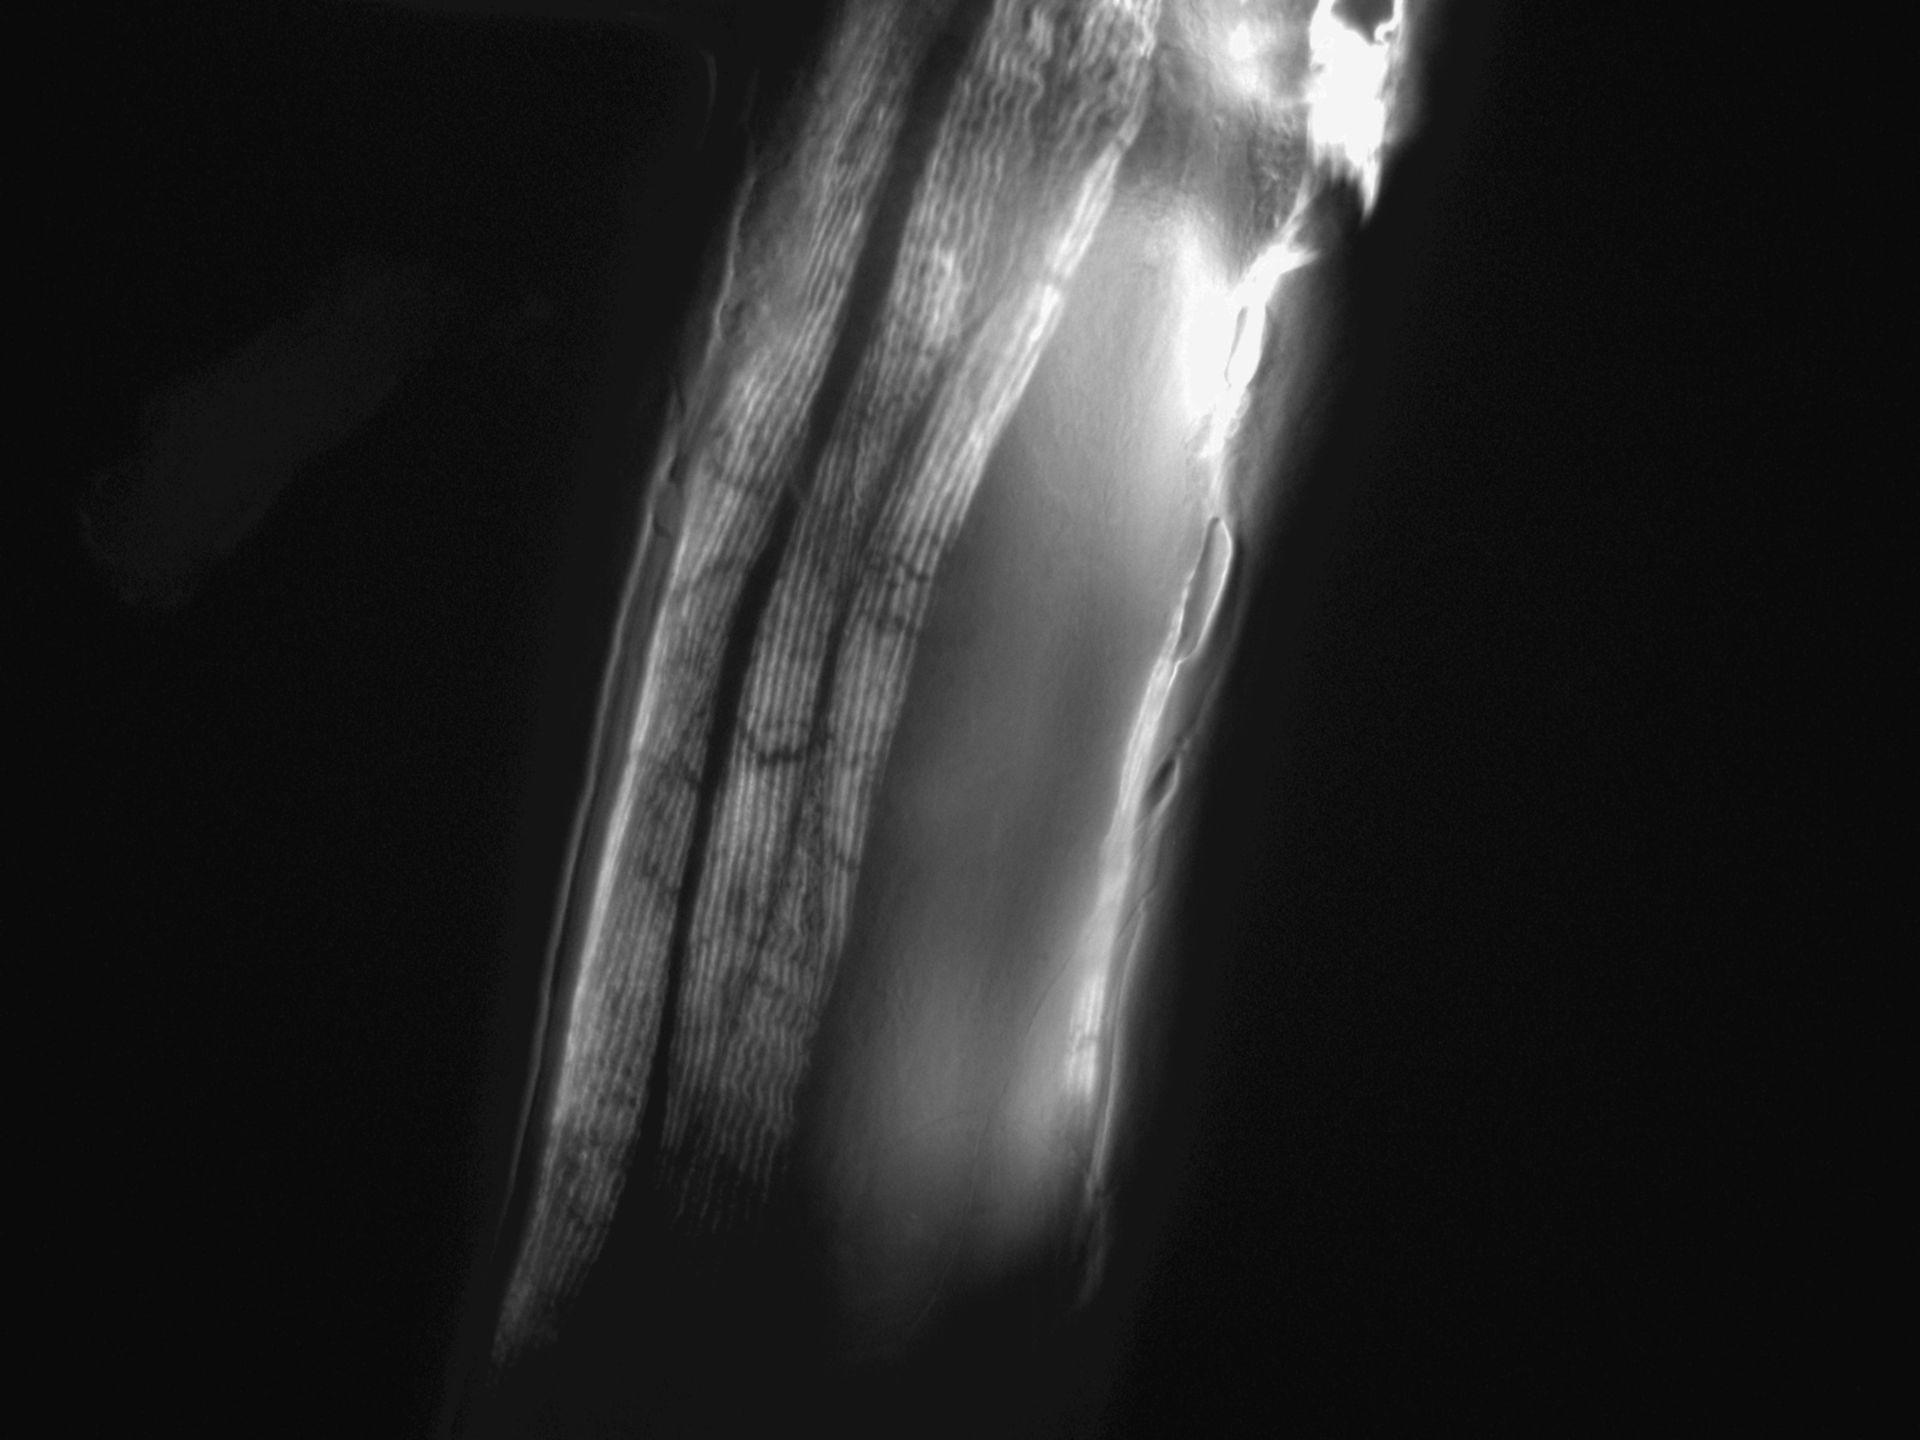 Caenorhabditis elegans (Actin filament) - CIL:1296